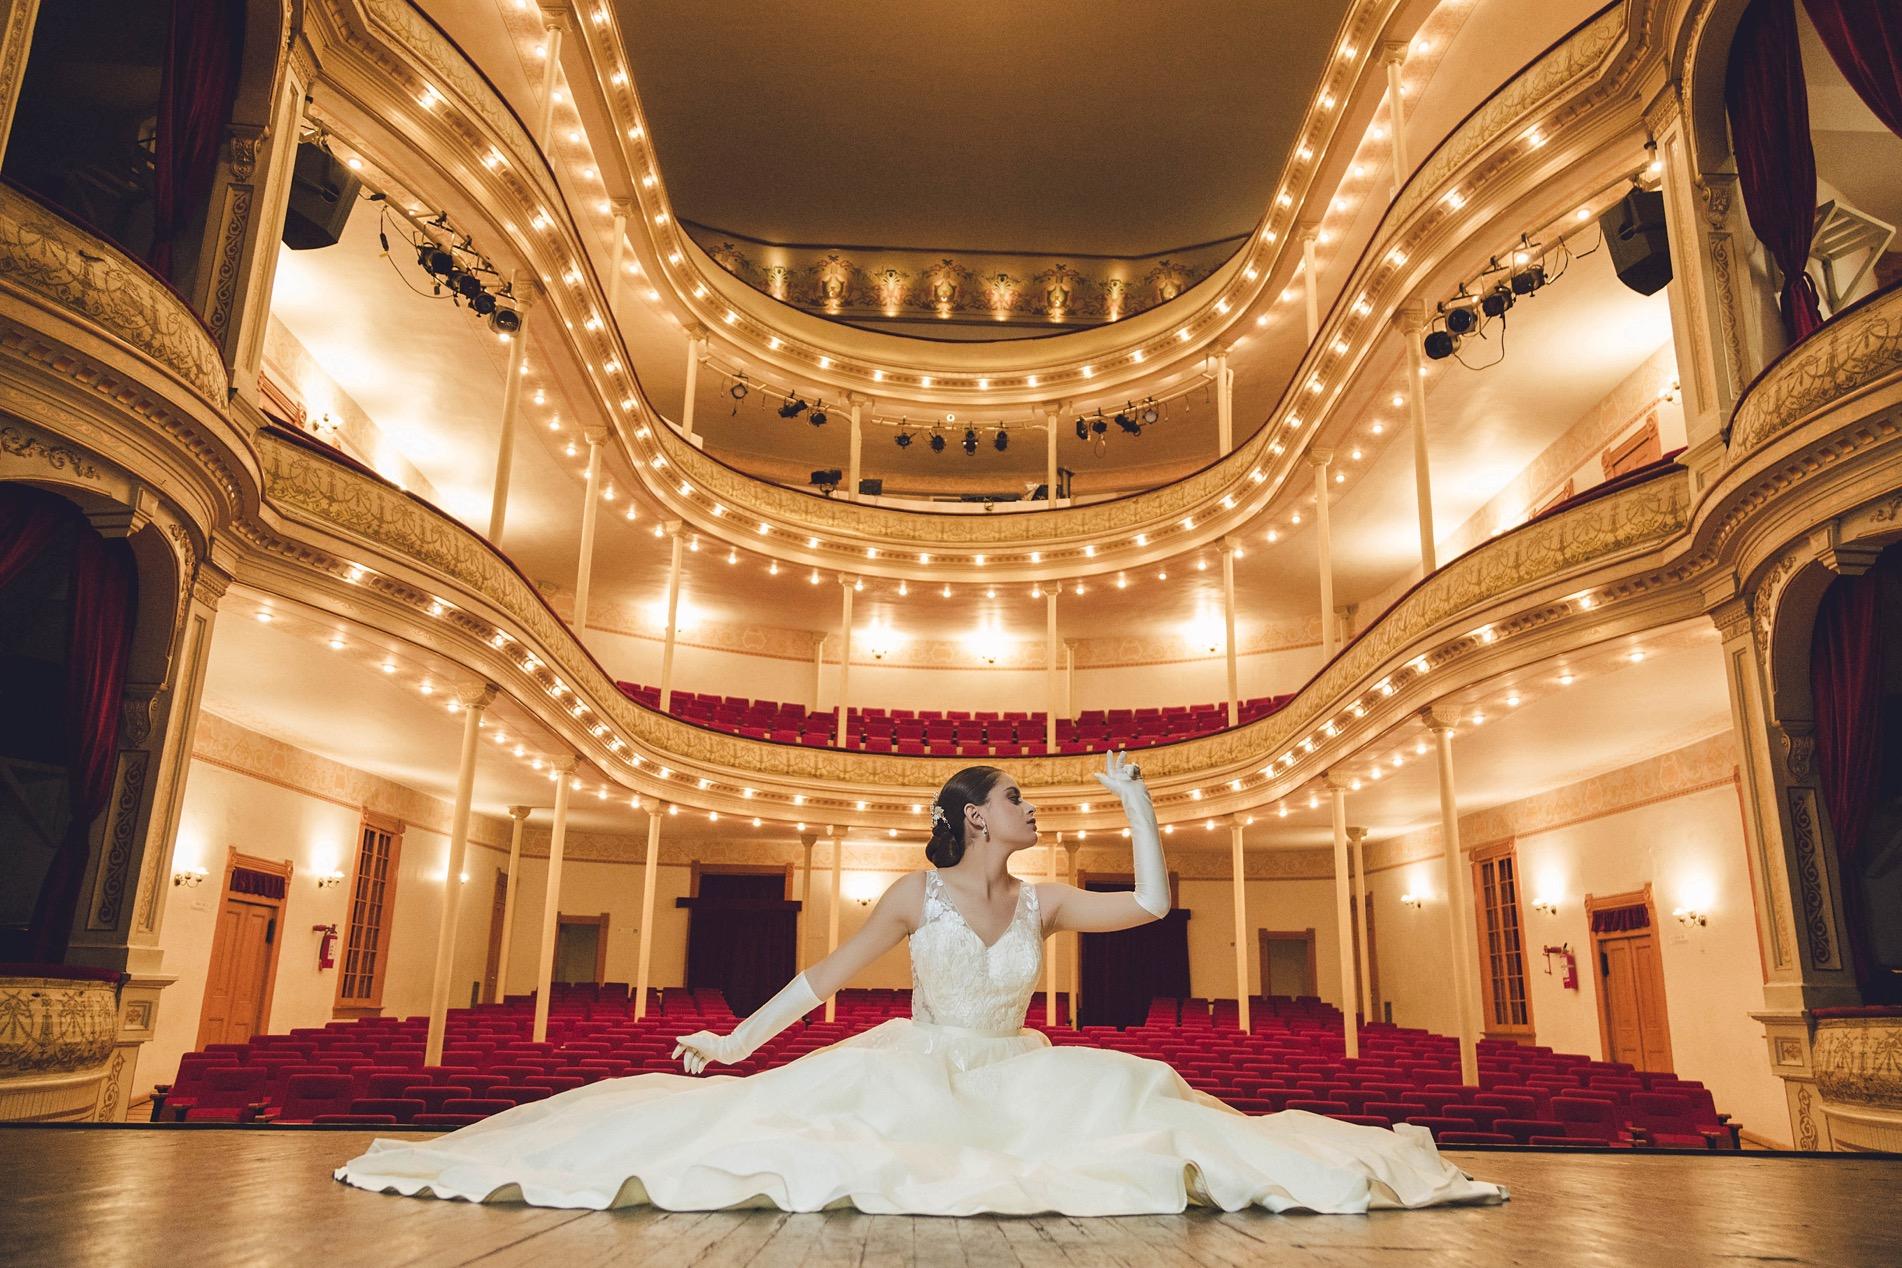 fotografo_profesional_bodas_zacatecas_casual_teatro_calderon_fashion-19